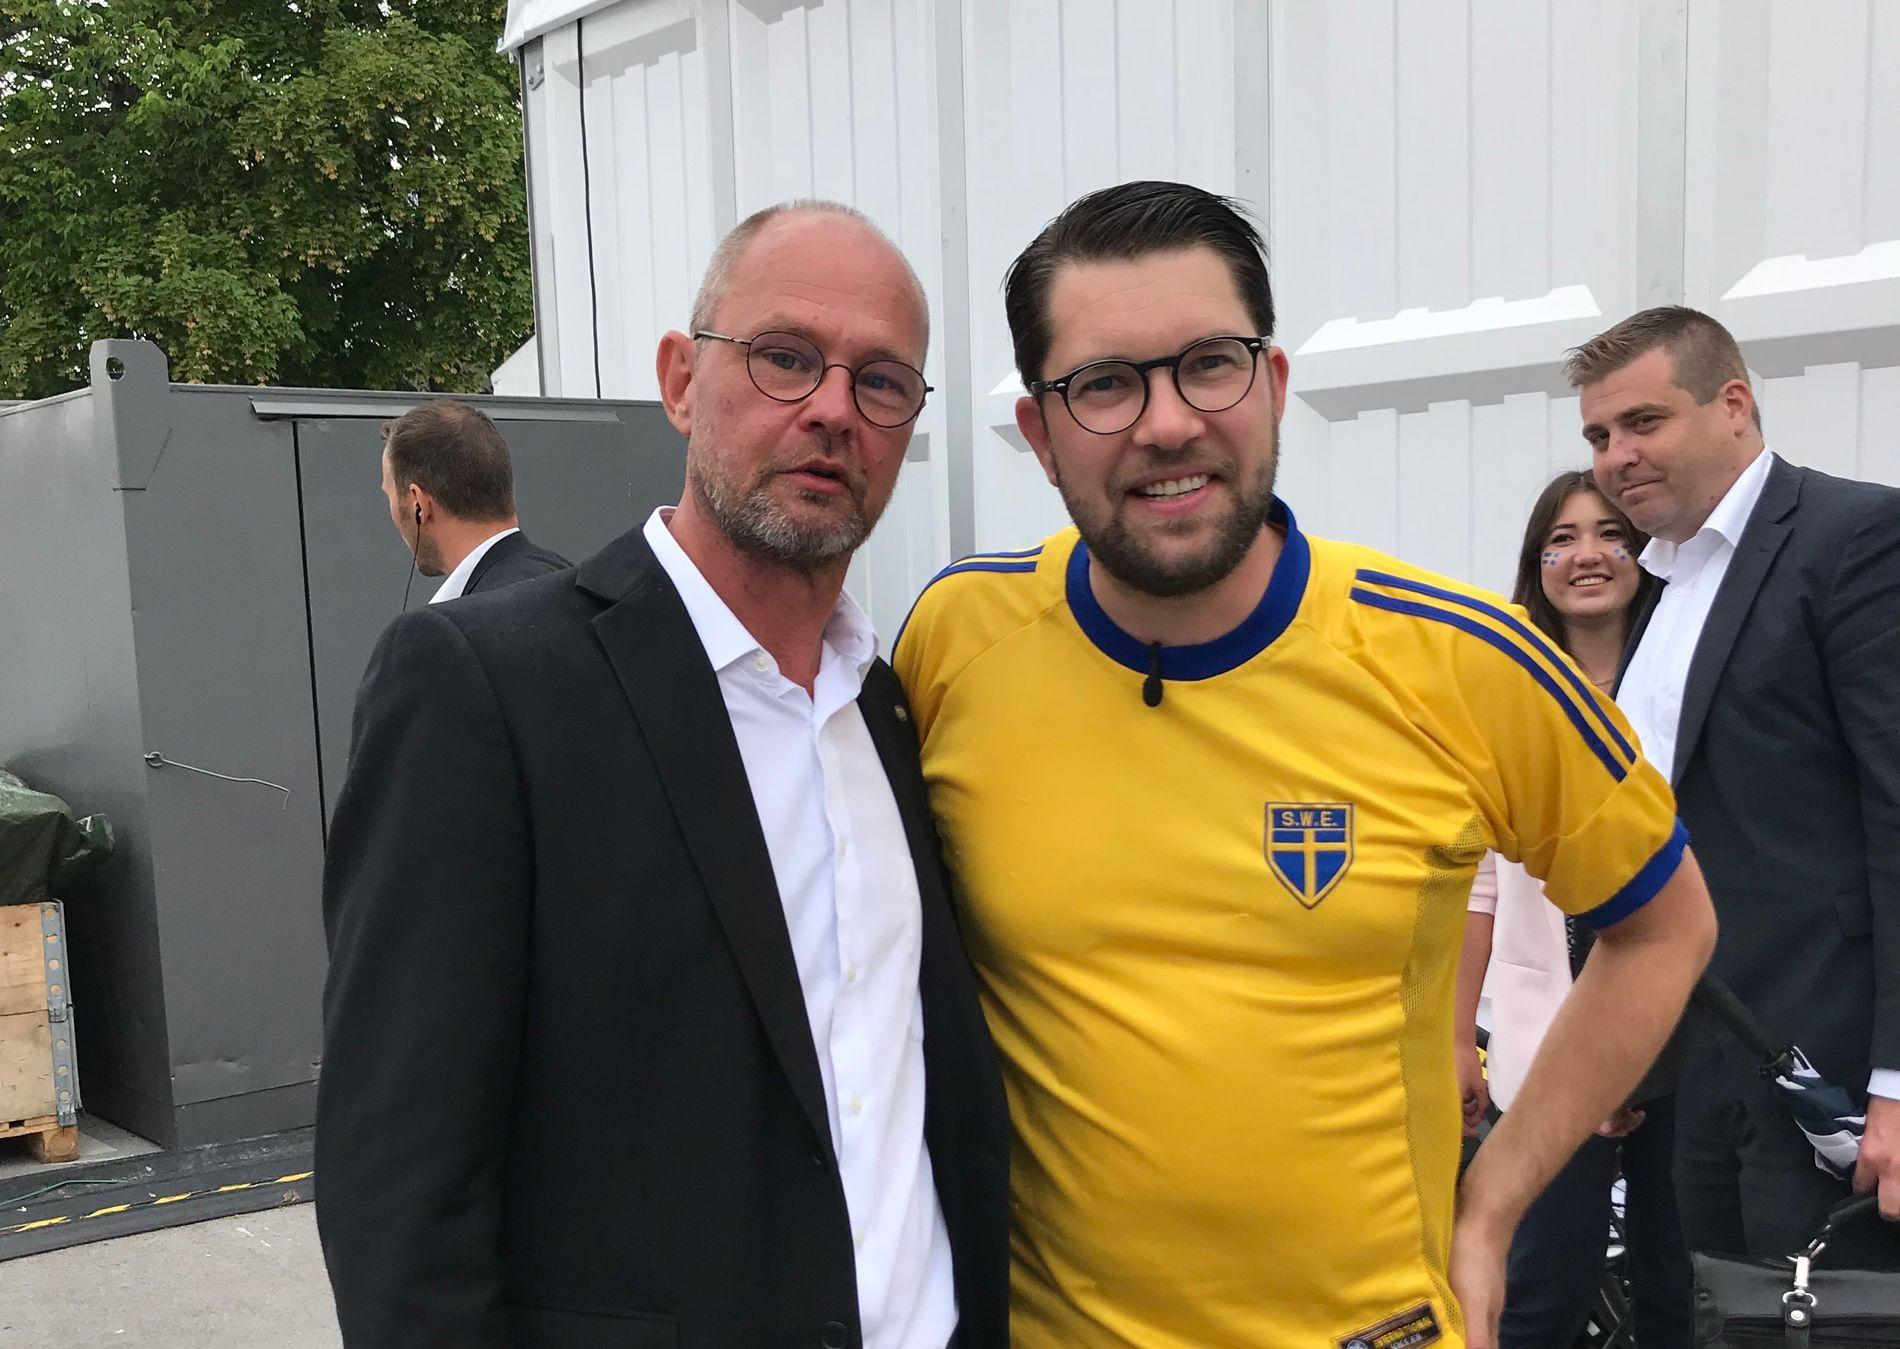 OPTIMISTER: Da VG møtte Jimmie Åkesson (39) tidligere i sommer hadde han tro på seier da han gjorde seg klar til å se Sverige spille mot England. Det gikk dårlig.  Nå er det seier i valgkampen som er fokuset for Sverigedemokraternas leder.  Her sammen med Lars Andersson, en av sine nærmeste medarbeidere.